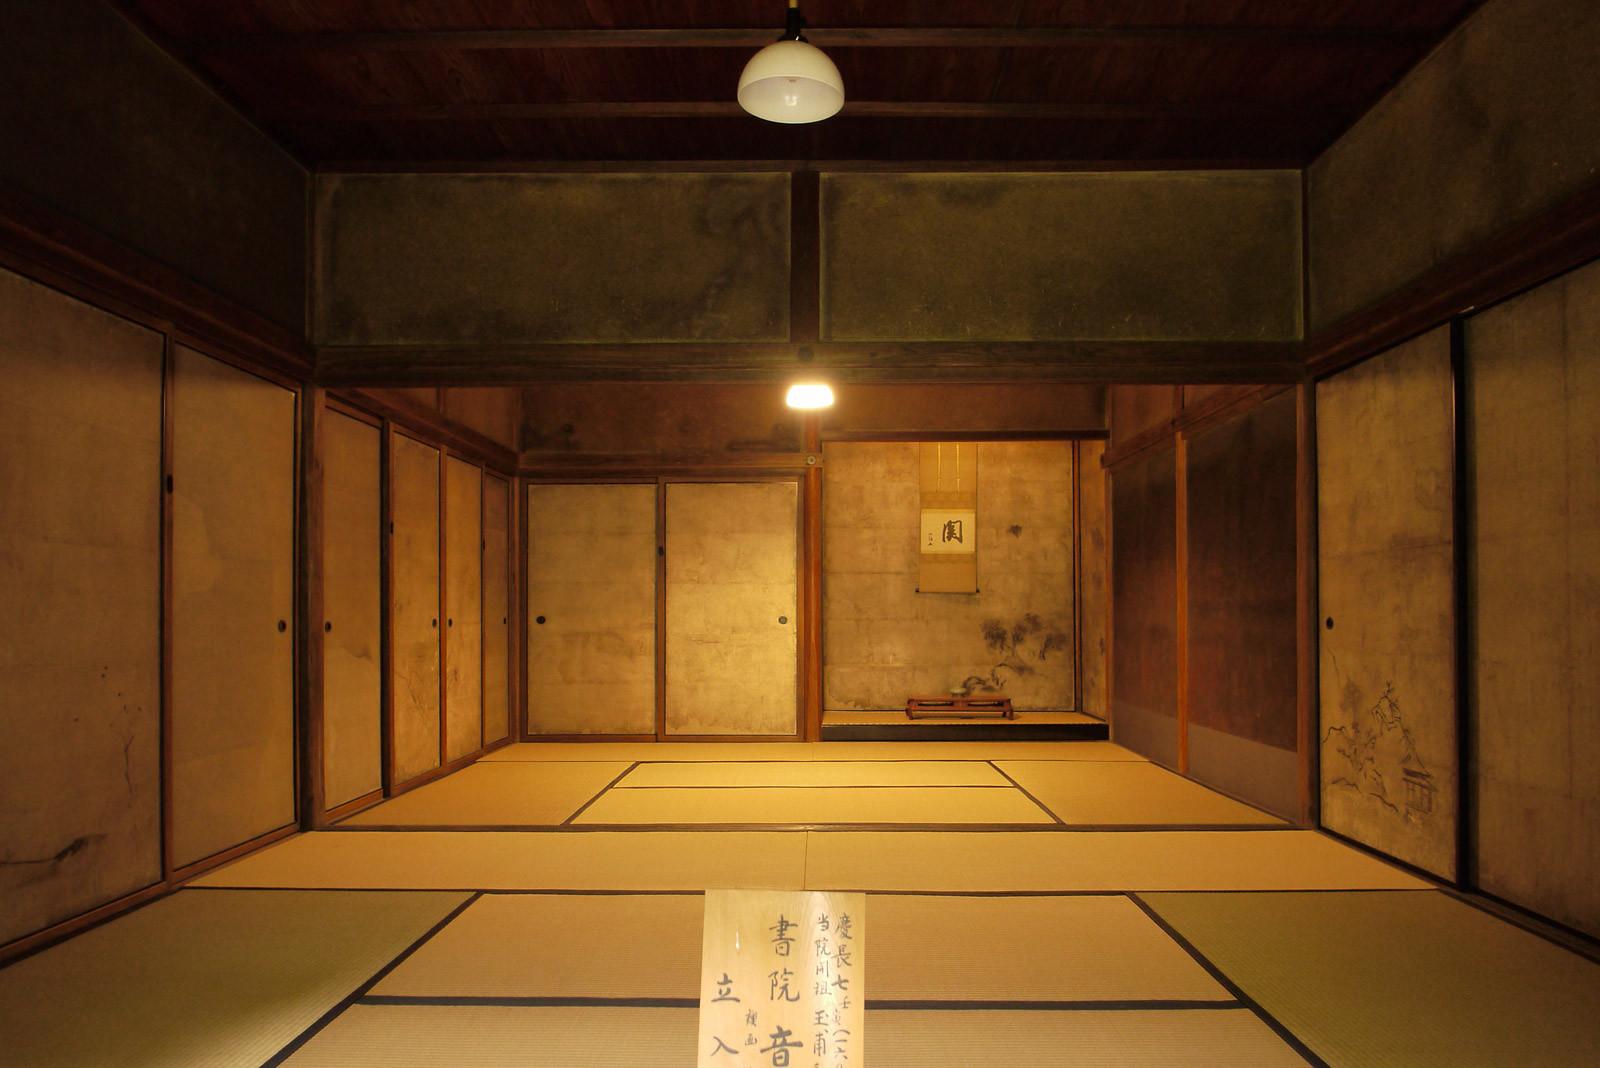 京都庭めぐりの旅 ~ 大徳寺 高桐院